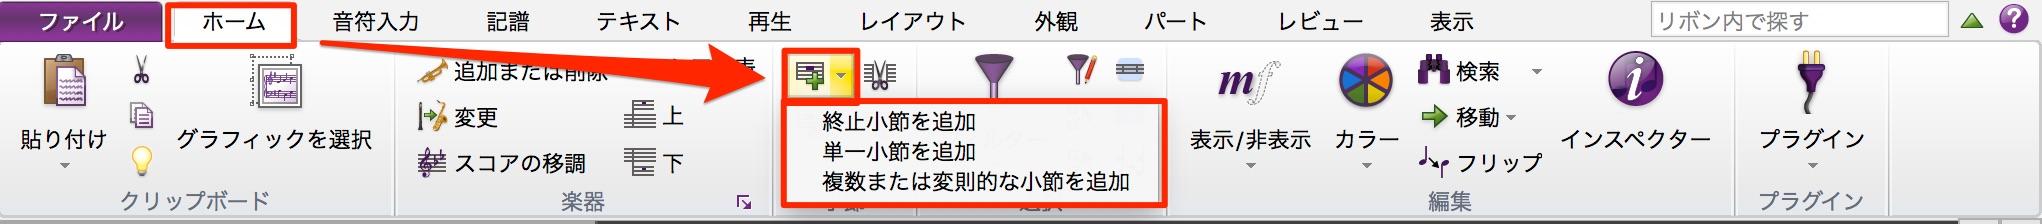 スクリーンショット_2017-05-12_0_51_33